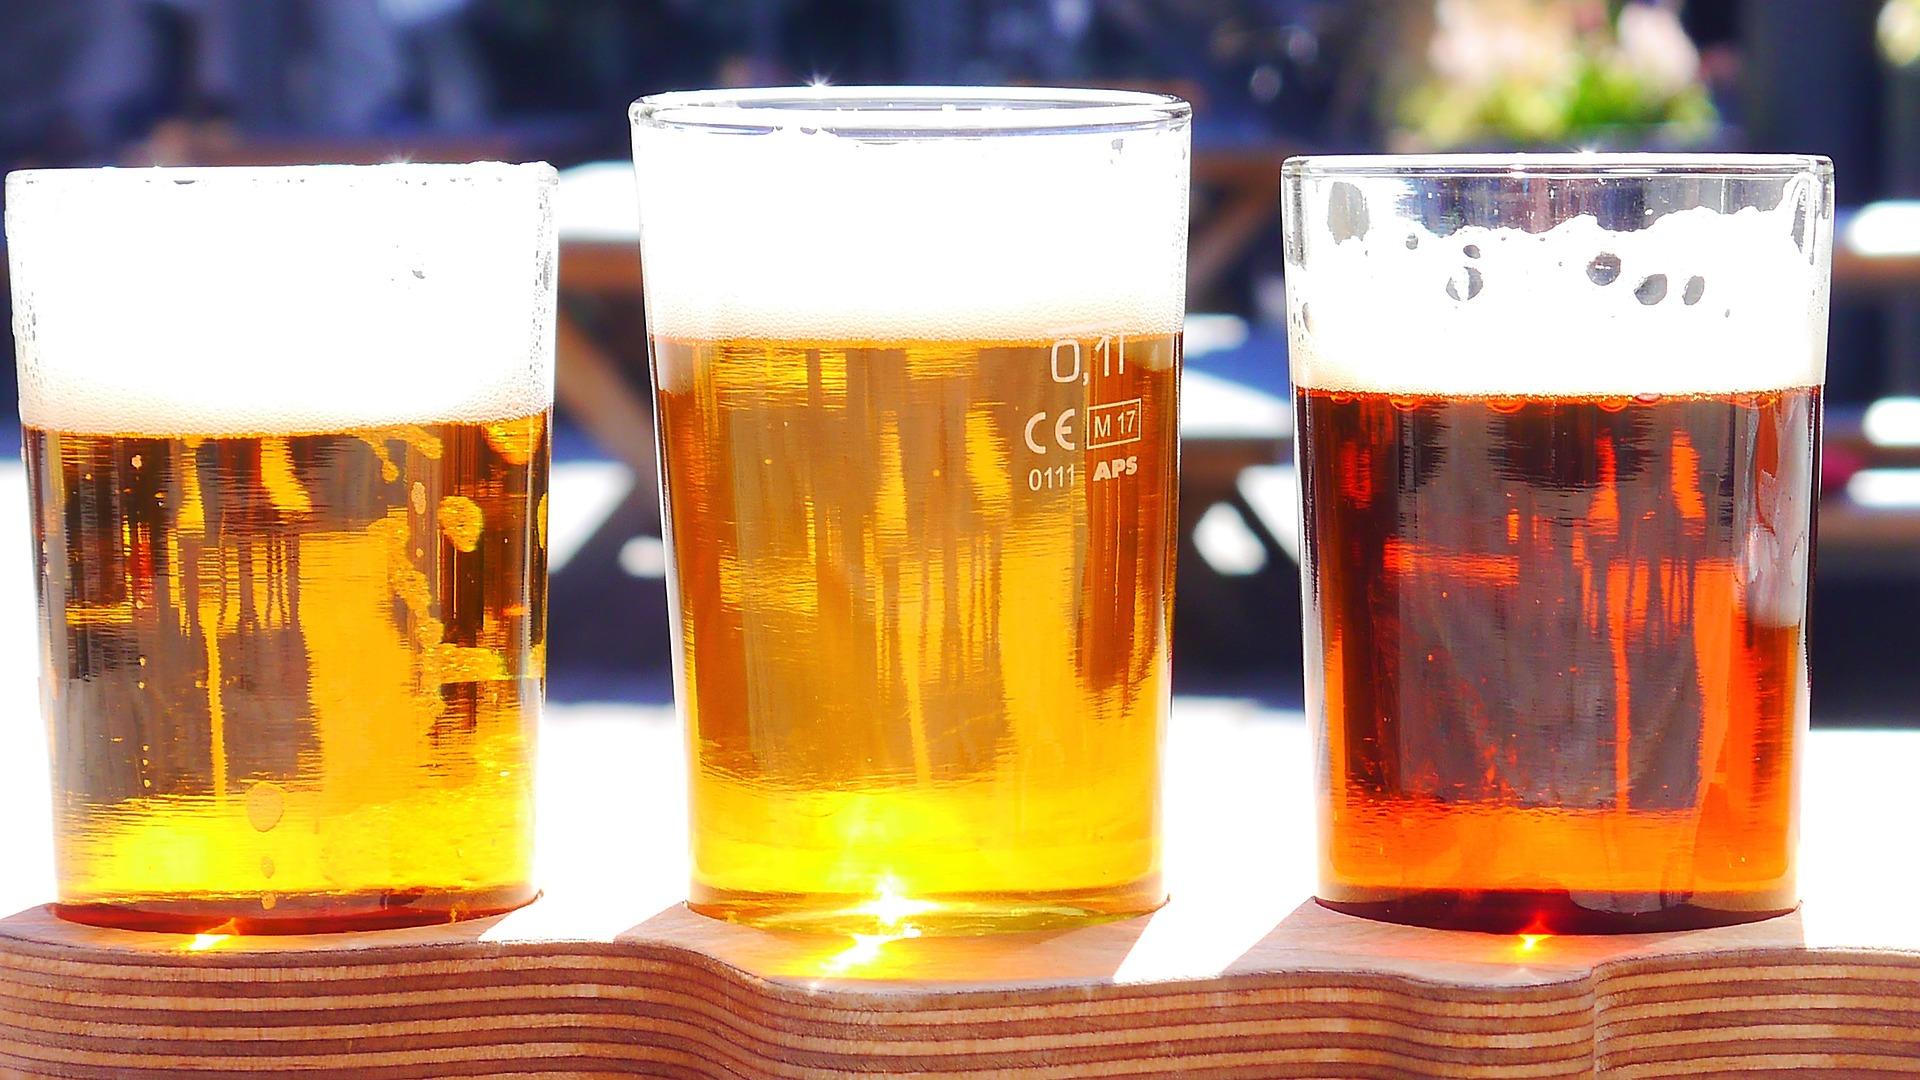 el-lupulo-espanol-es-el-mas-utilizado-en-europa-para-elaborar-cerveza-1920